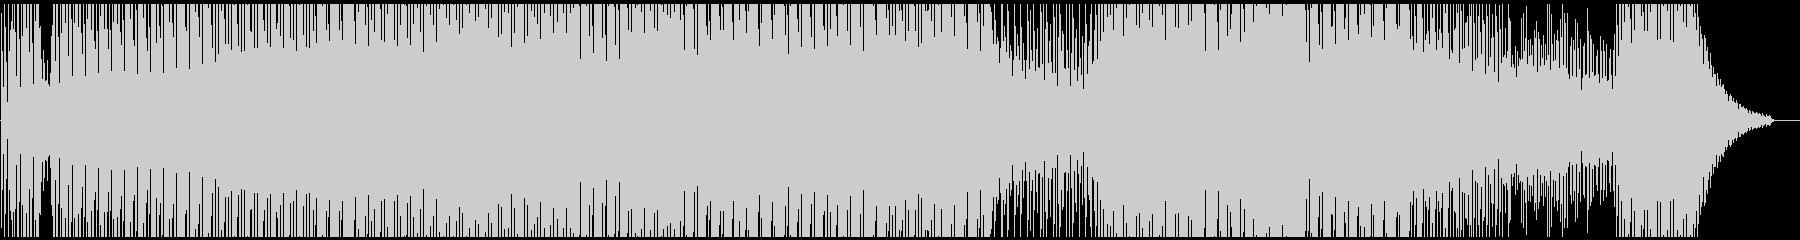 牧歌的なハウス系BGMの未再生の波形